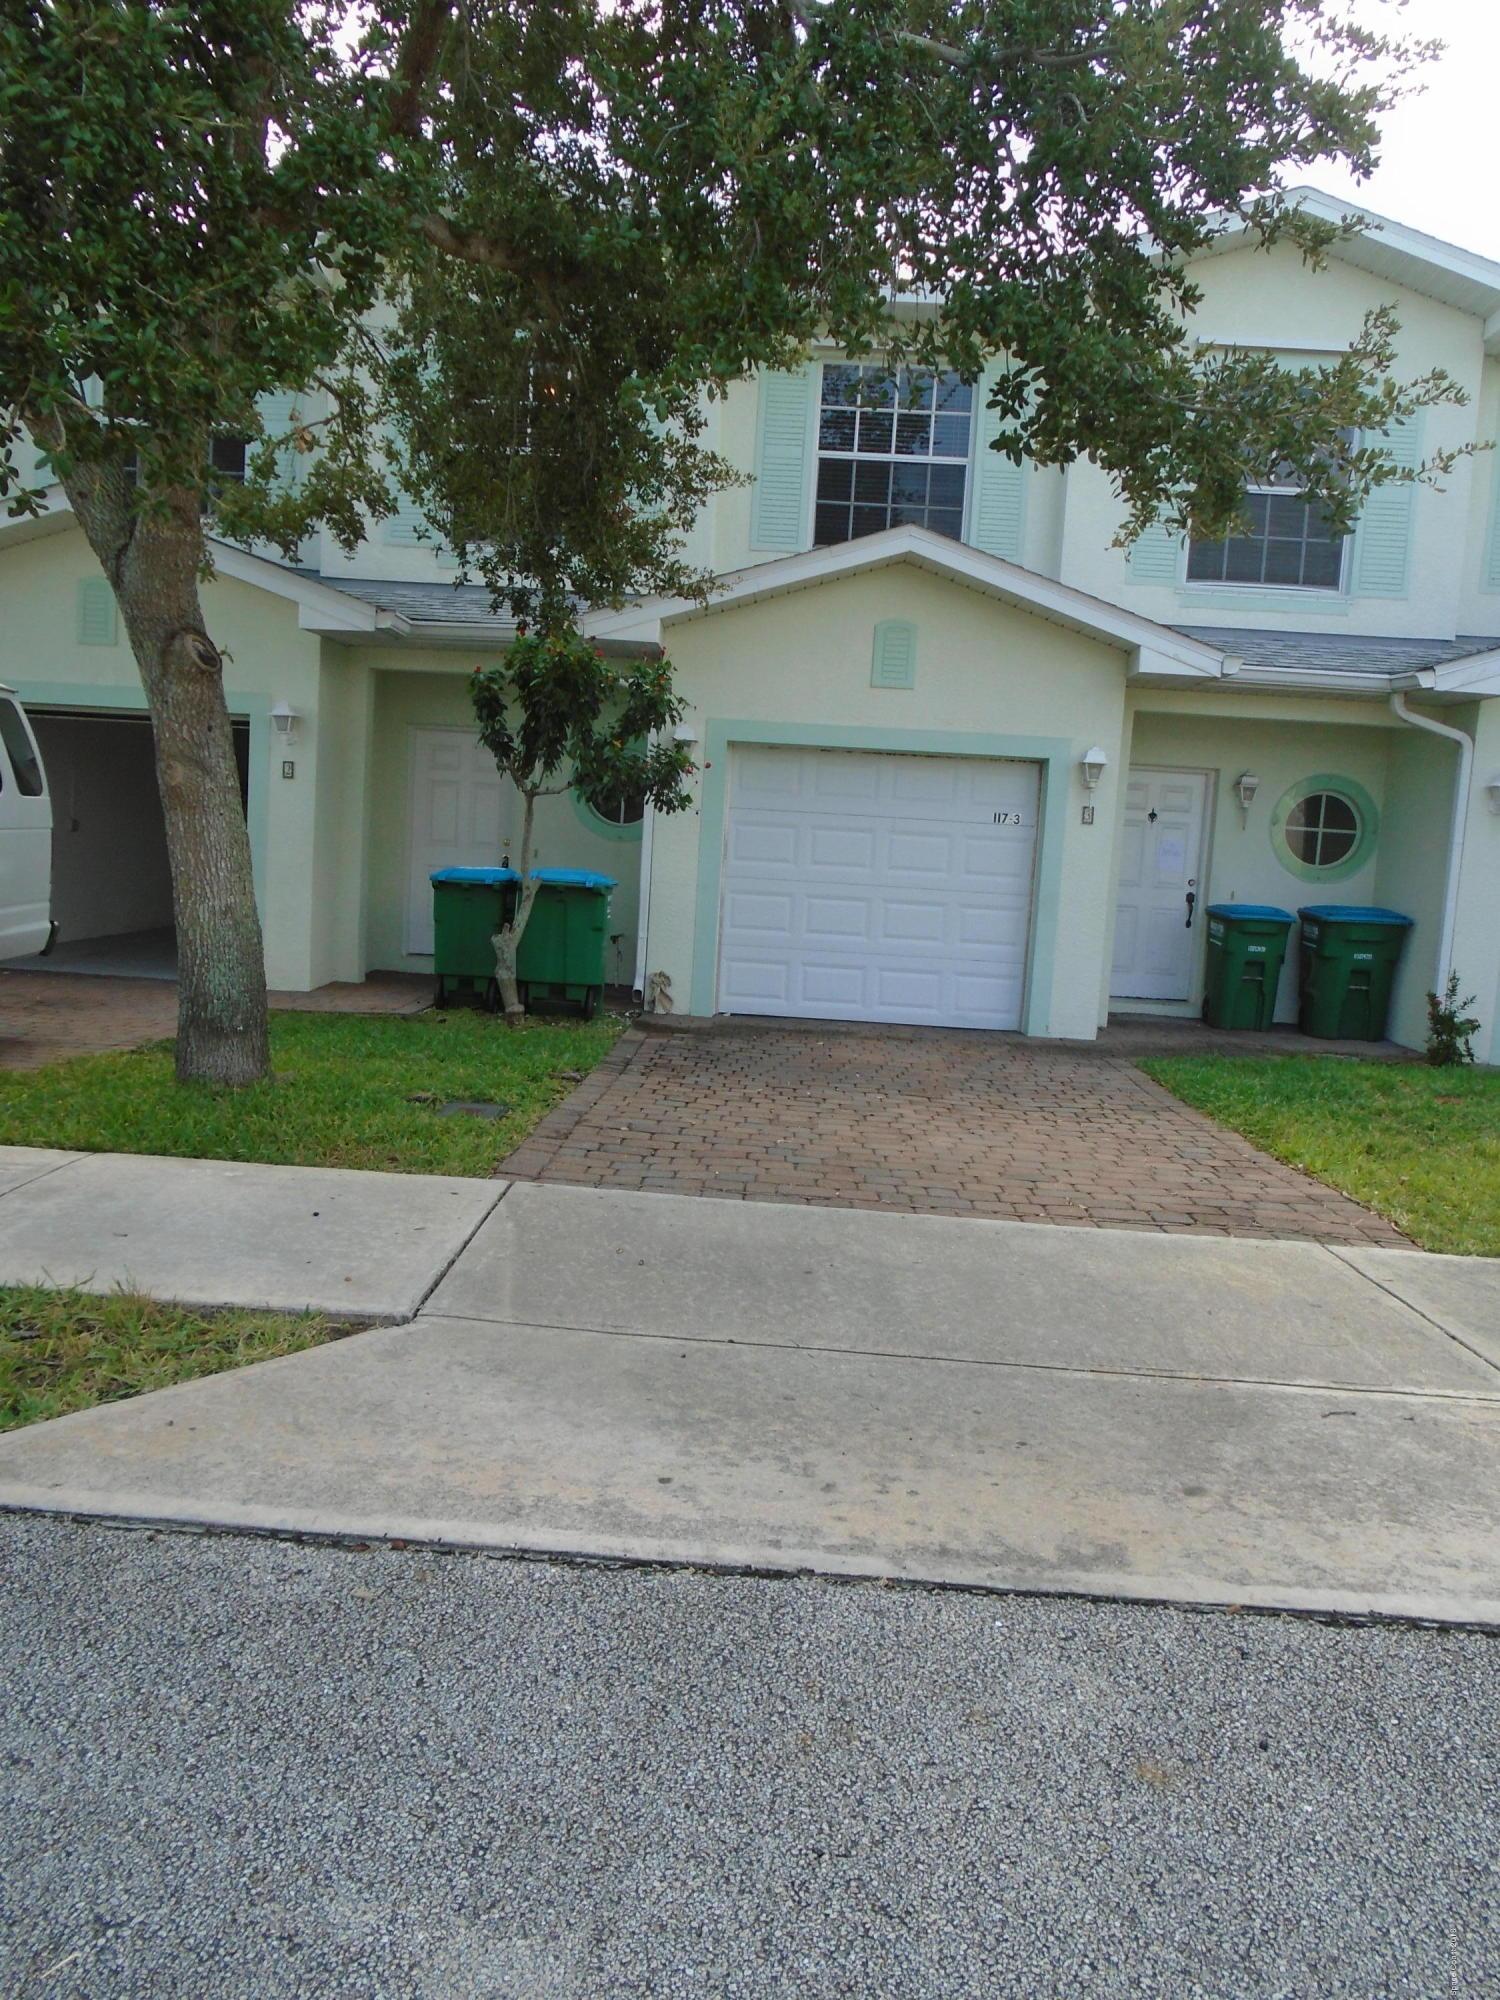 Nhà ở một gia đình vì Thuê tại 117 Anchorage 117 Anchorage Cape Canaveral, Florida 32920 Hoa Kỳ